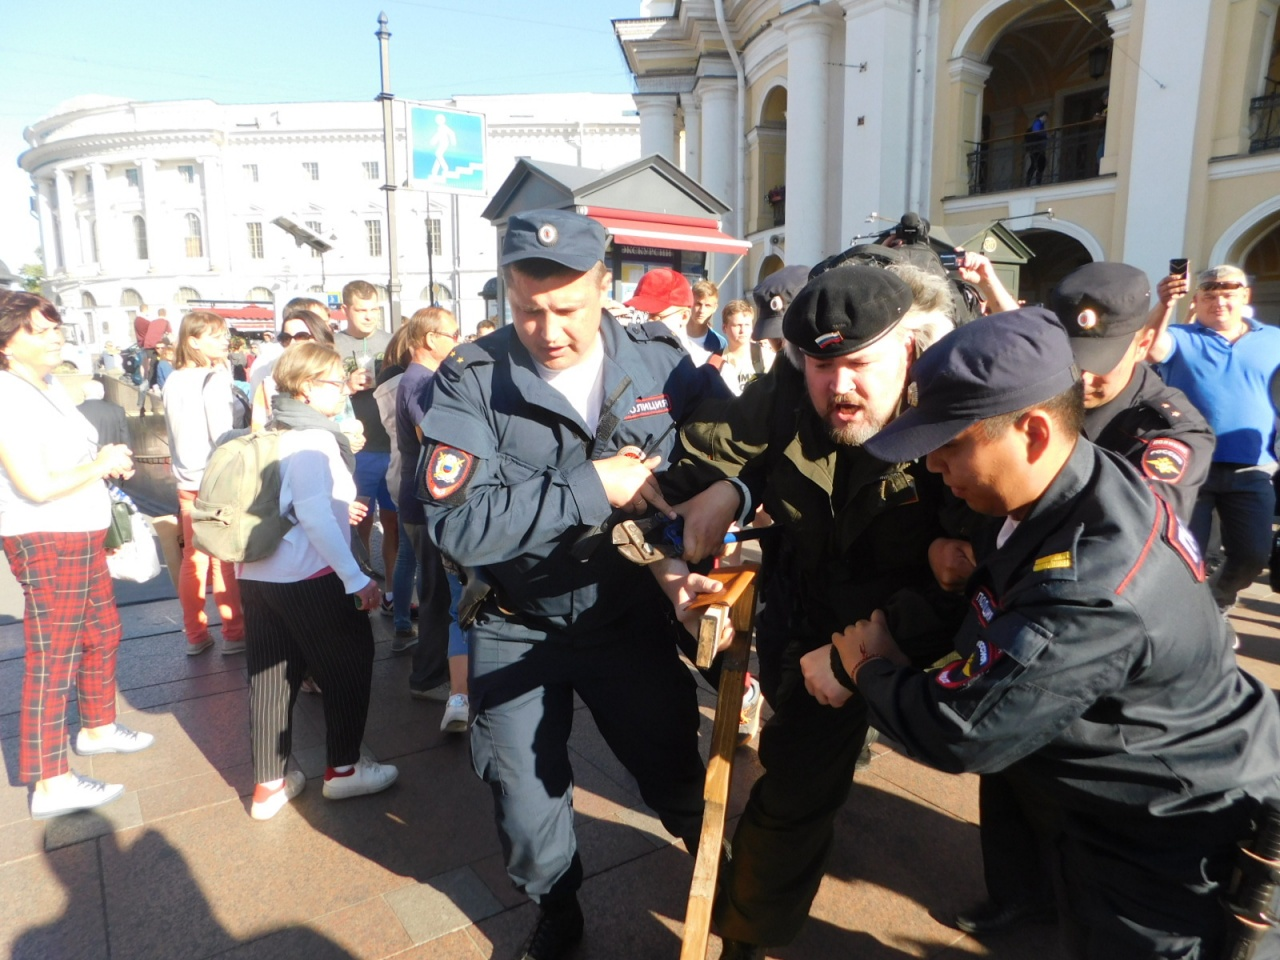 Активиста Казака задержали за одиночный пикет рядом со сходом против фабрикации дел